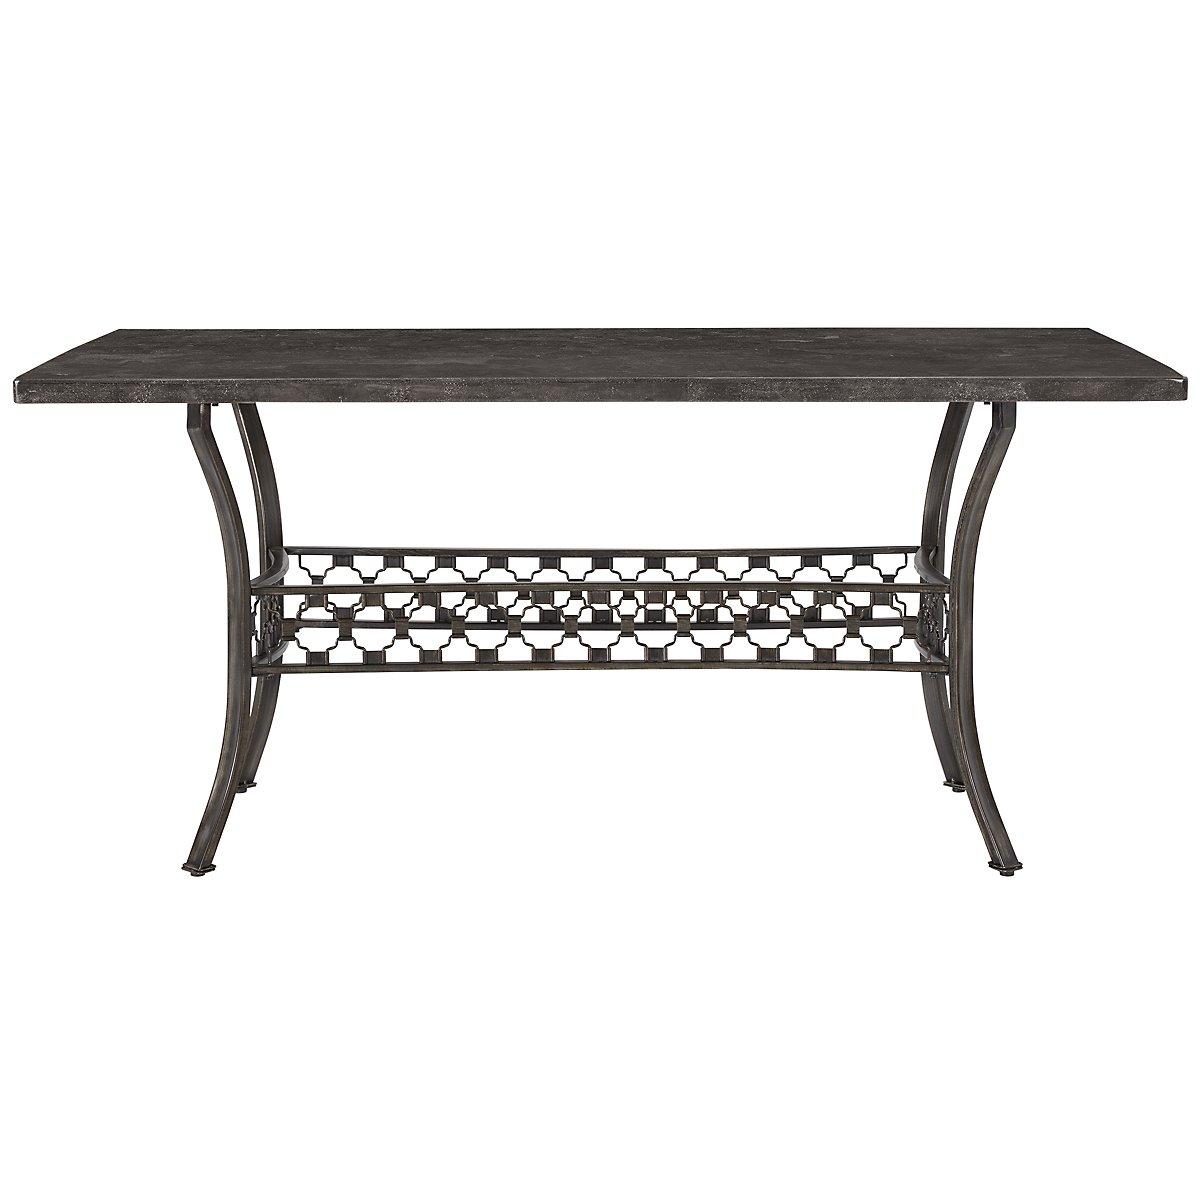 Brescello Dark Gray Marble Rectangular Table